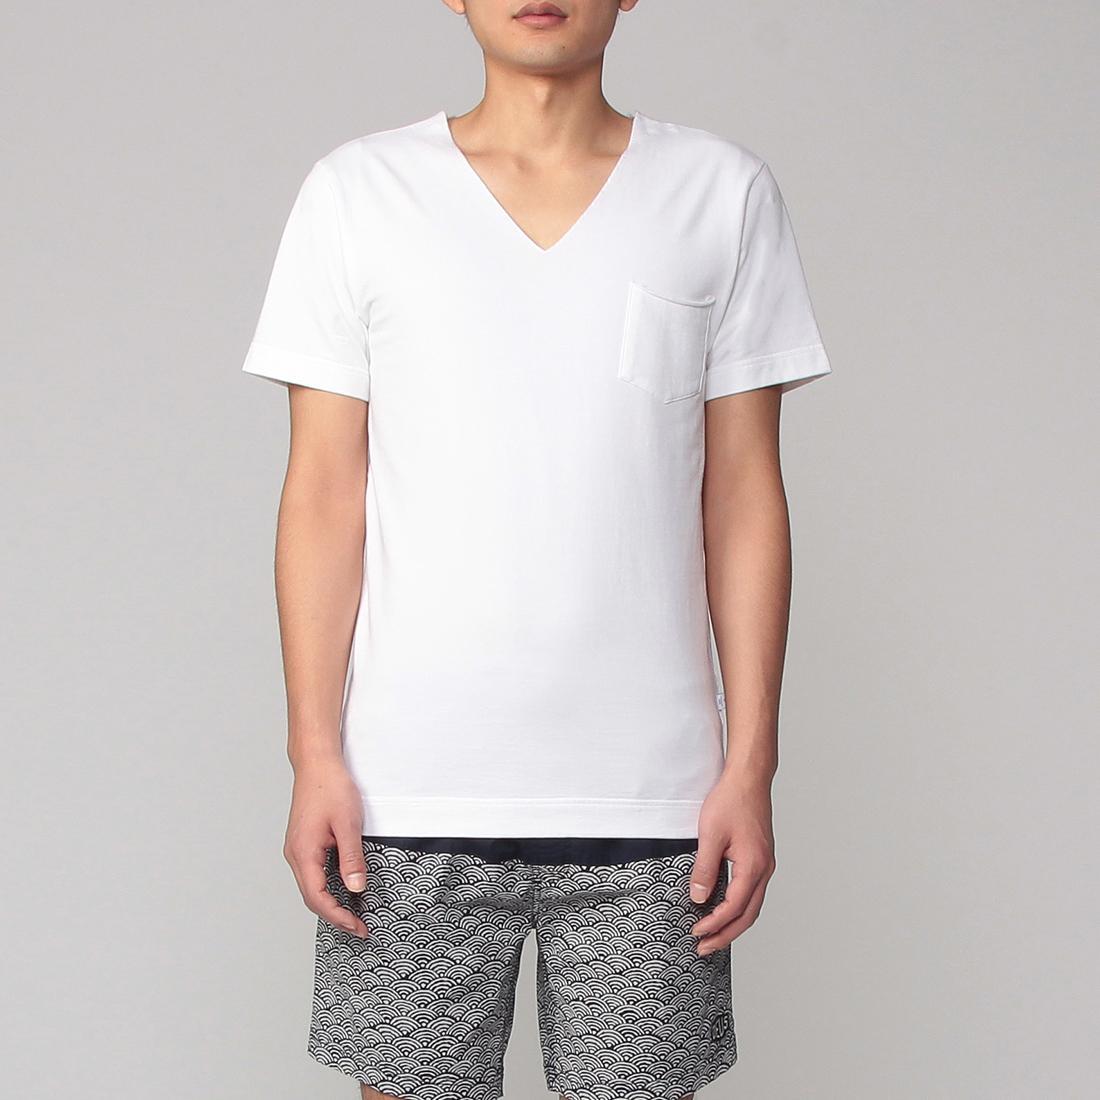 201606_plain-tshirt_012